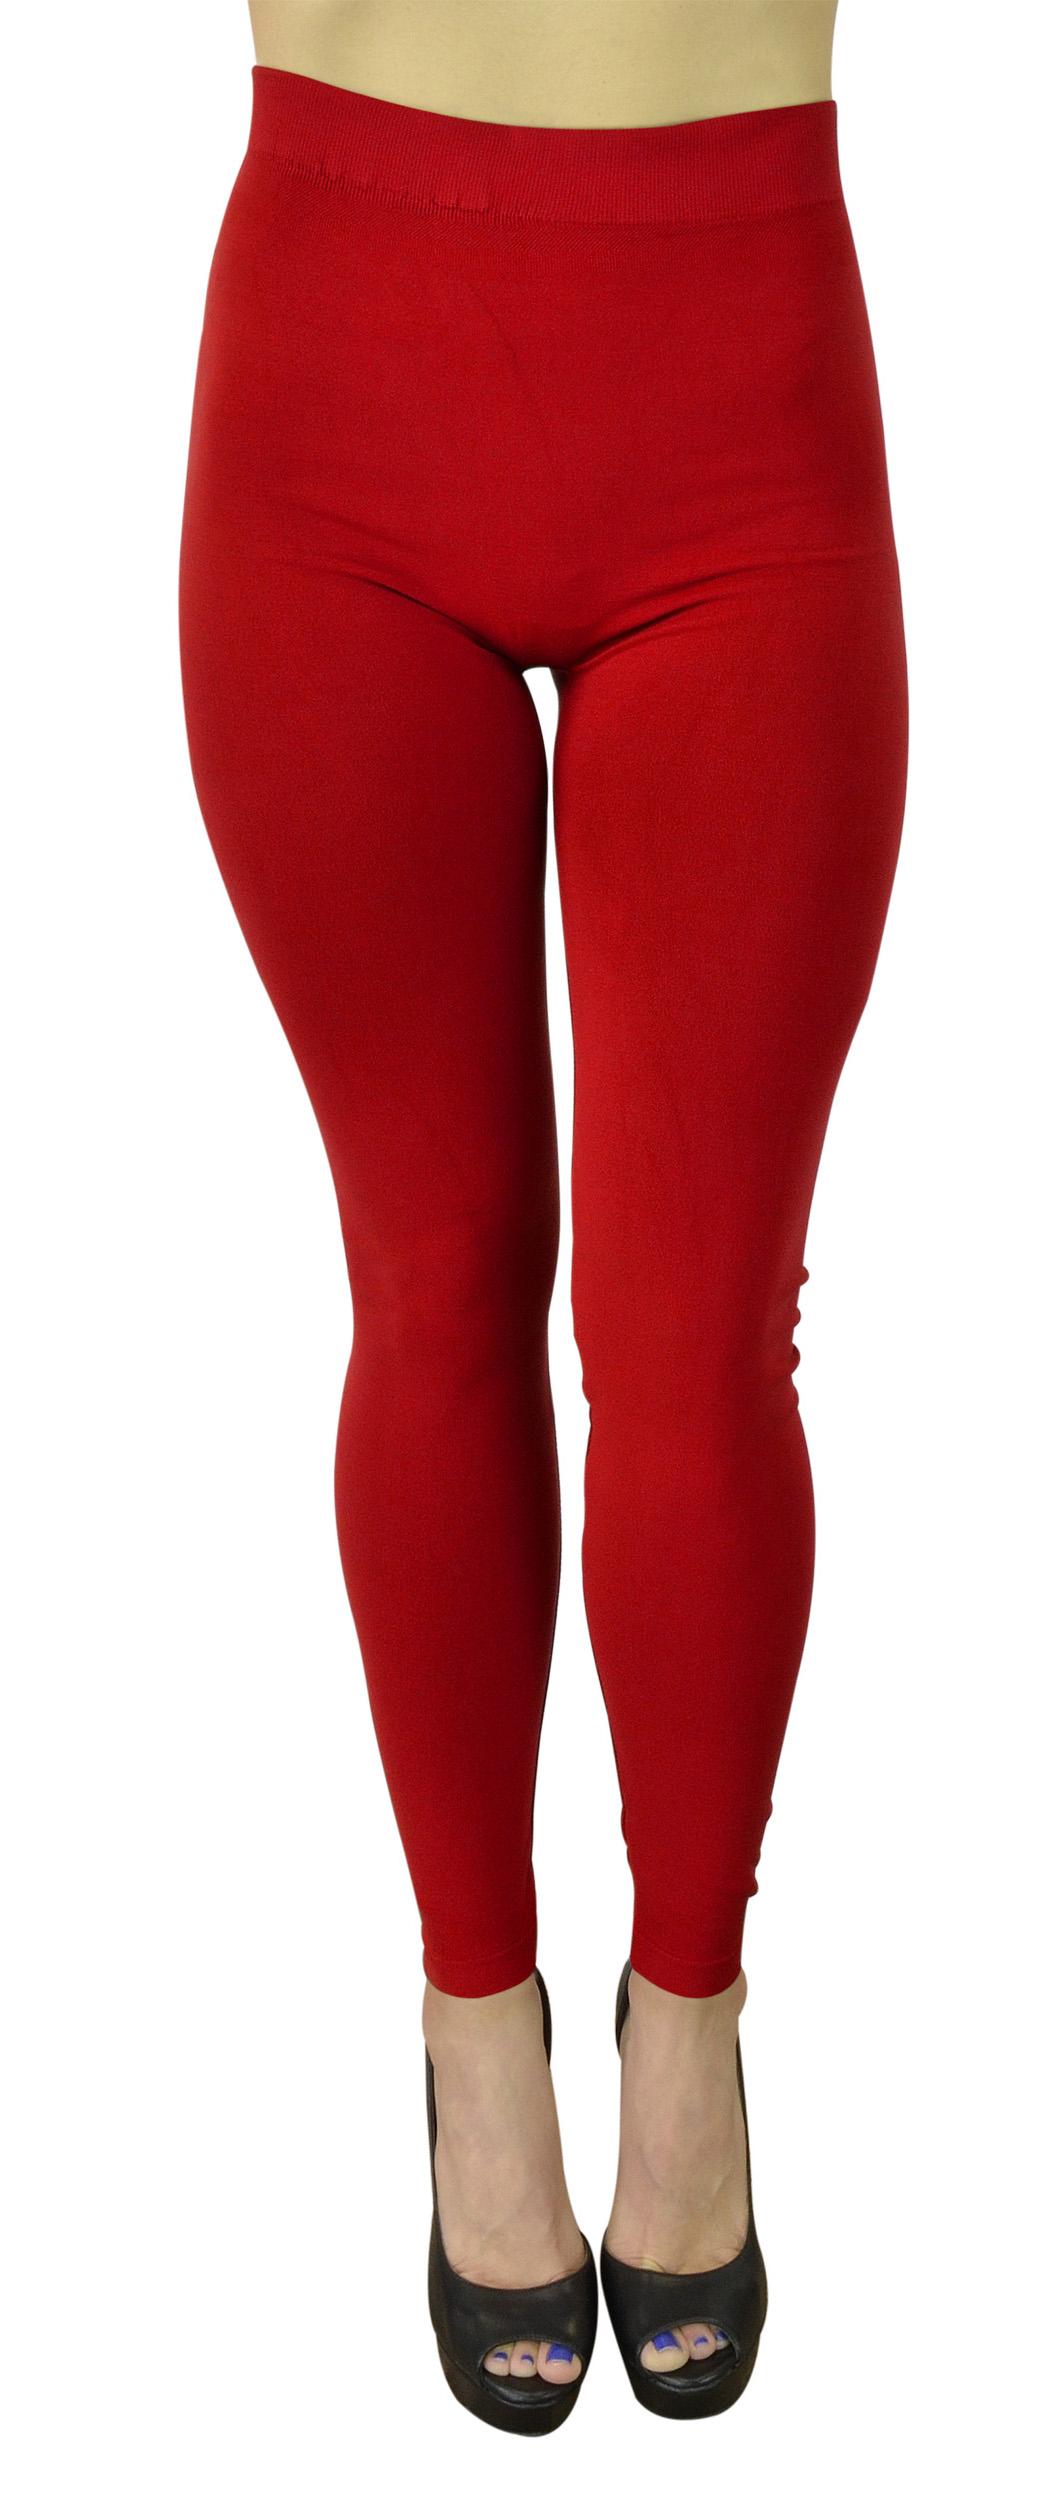 Belle Donne Women's Solid Color Warm Winter Kermo Fleece Legging - Red